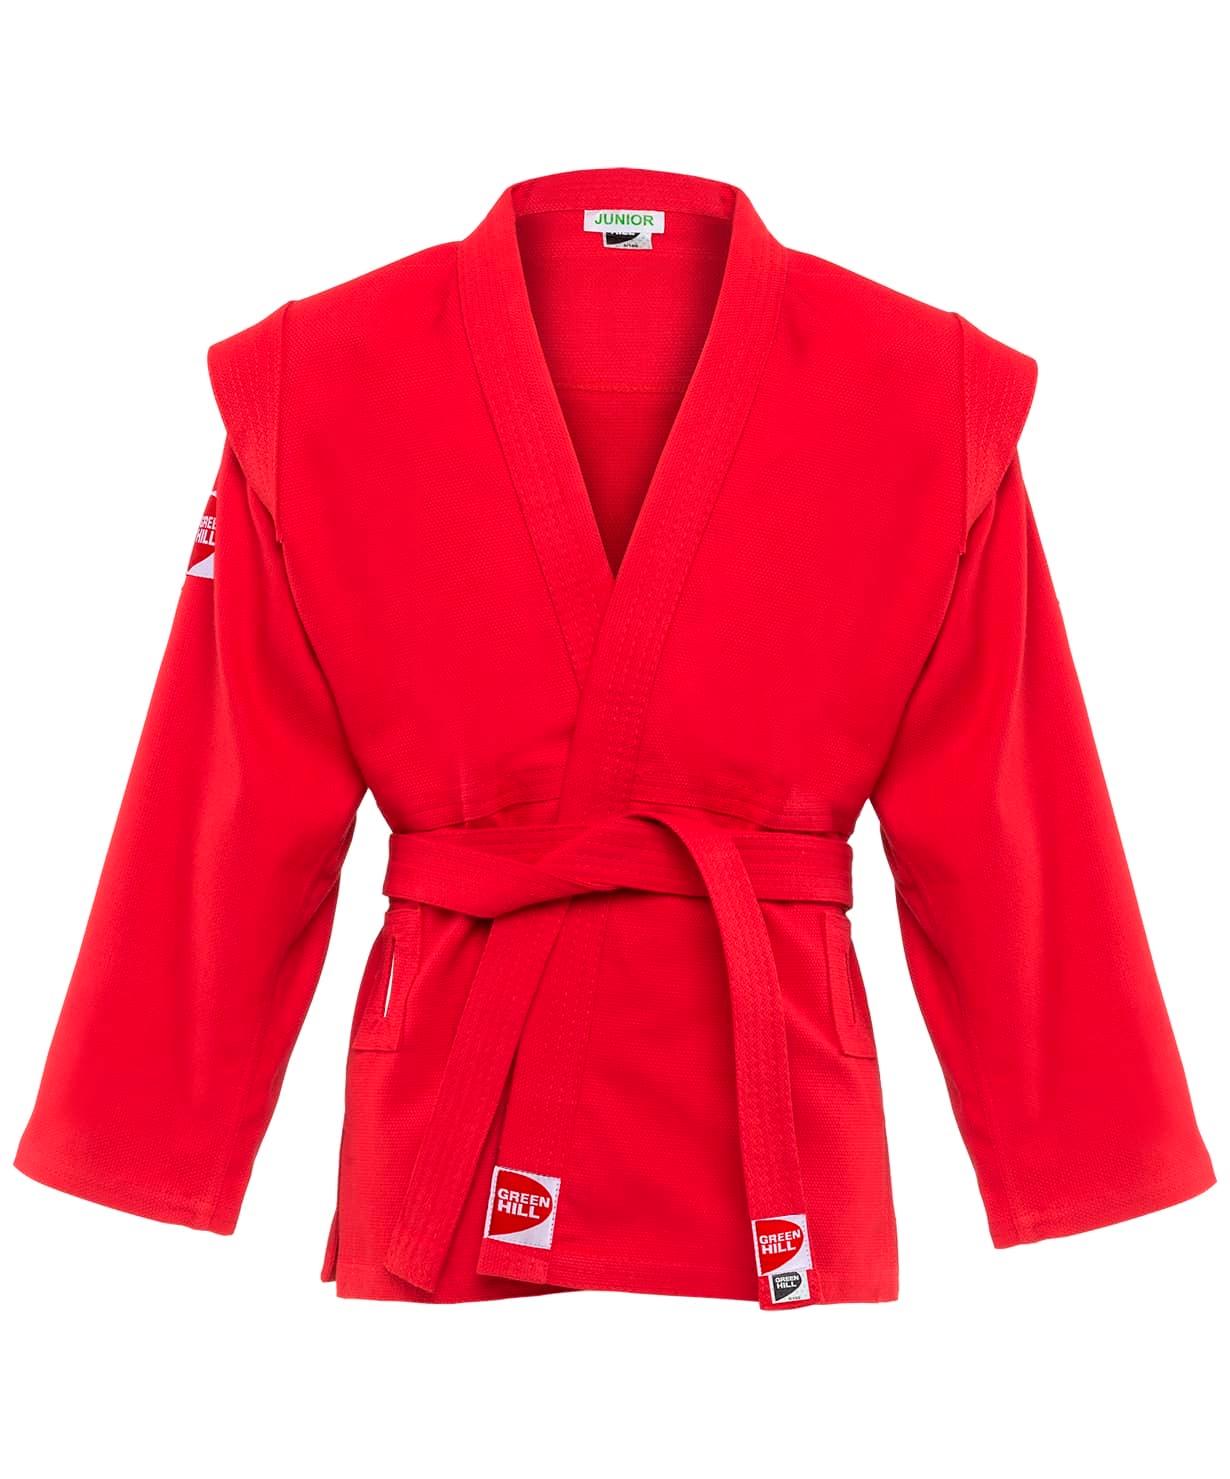 Куртка для самбо Junior SCJ-2201, красный, р.2/150